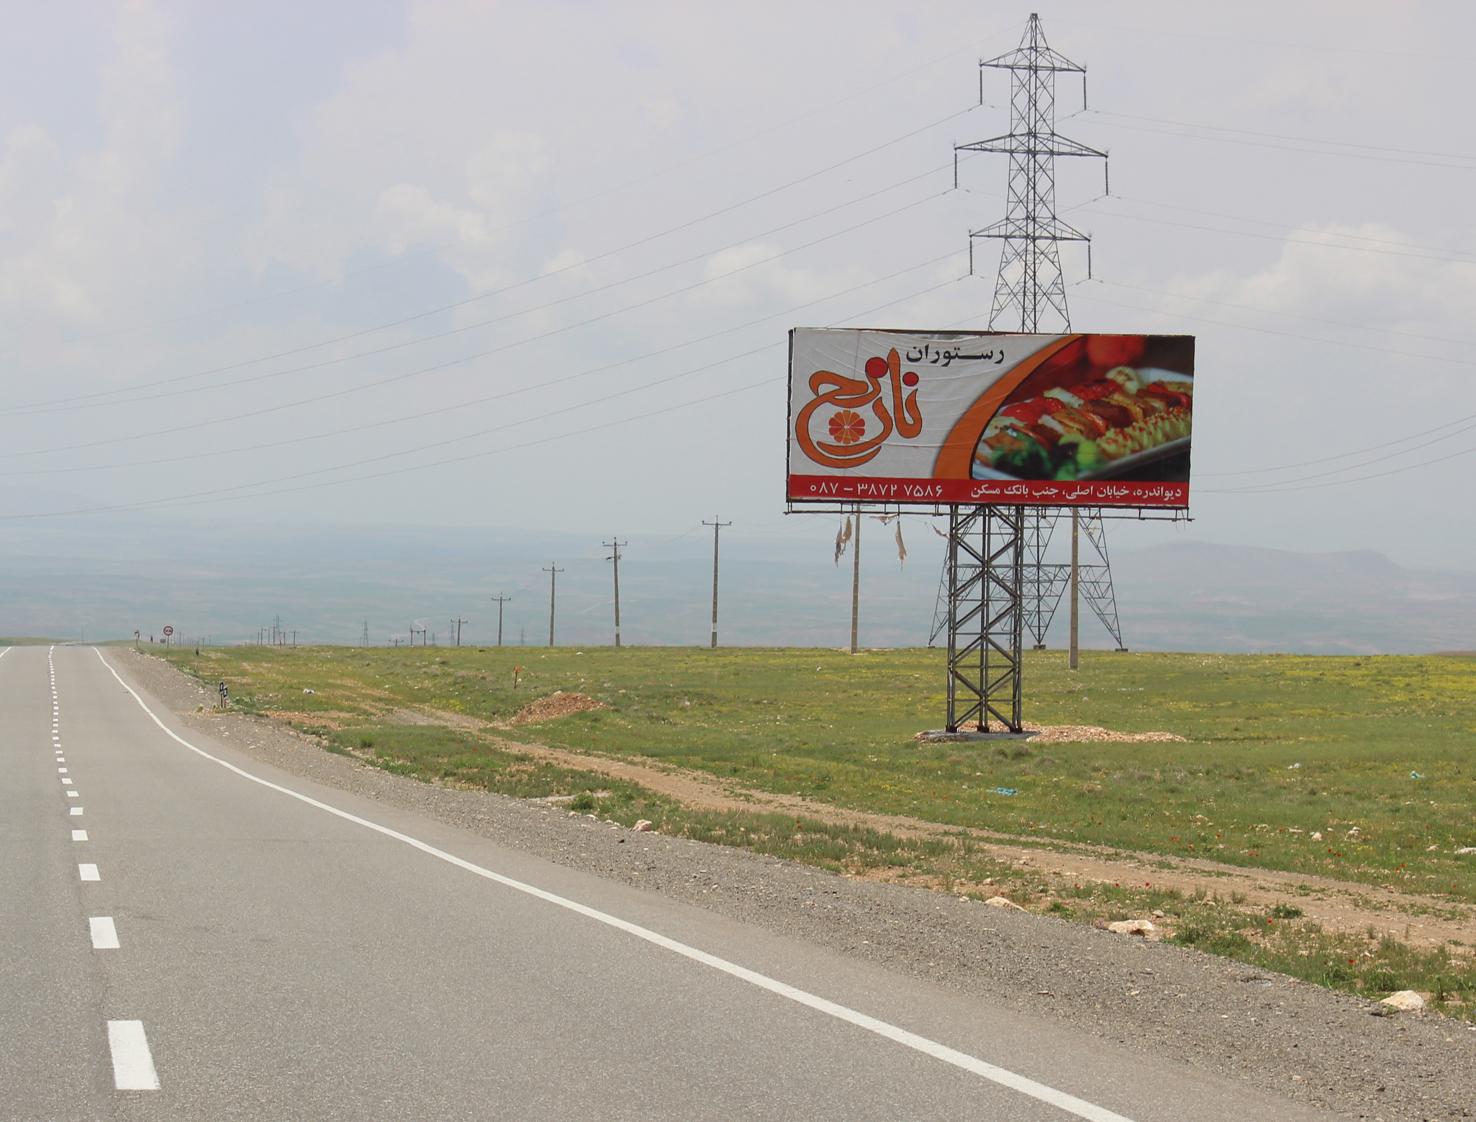 بیلبورد تبلیغاتی محور بیجار ، دیواندره کیلومتر ۵ بعد از سه راهی حسن آباد